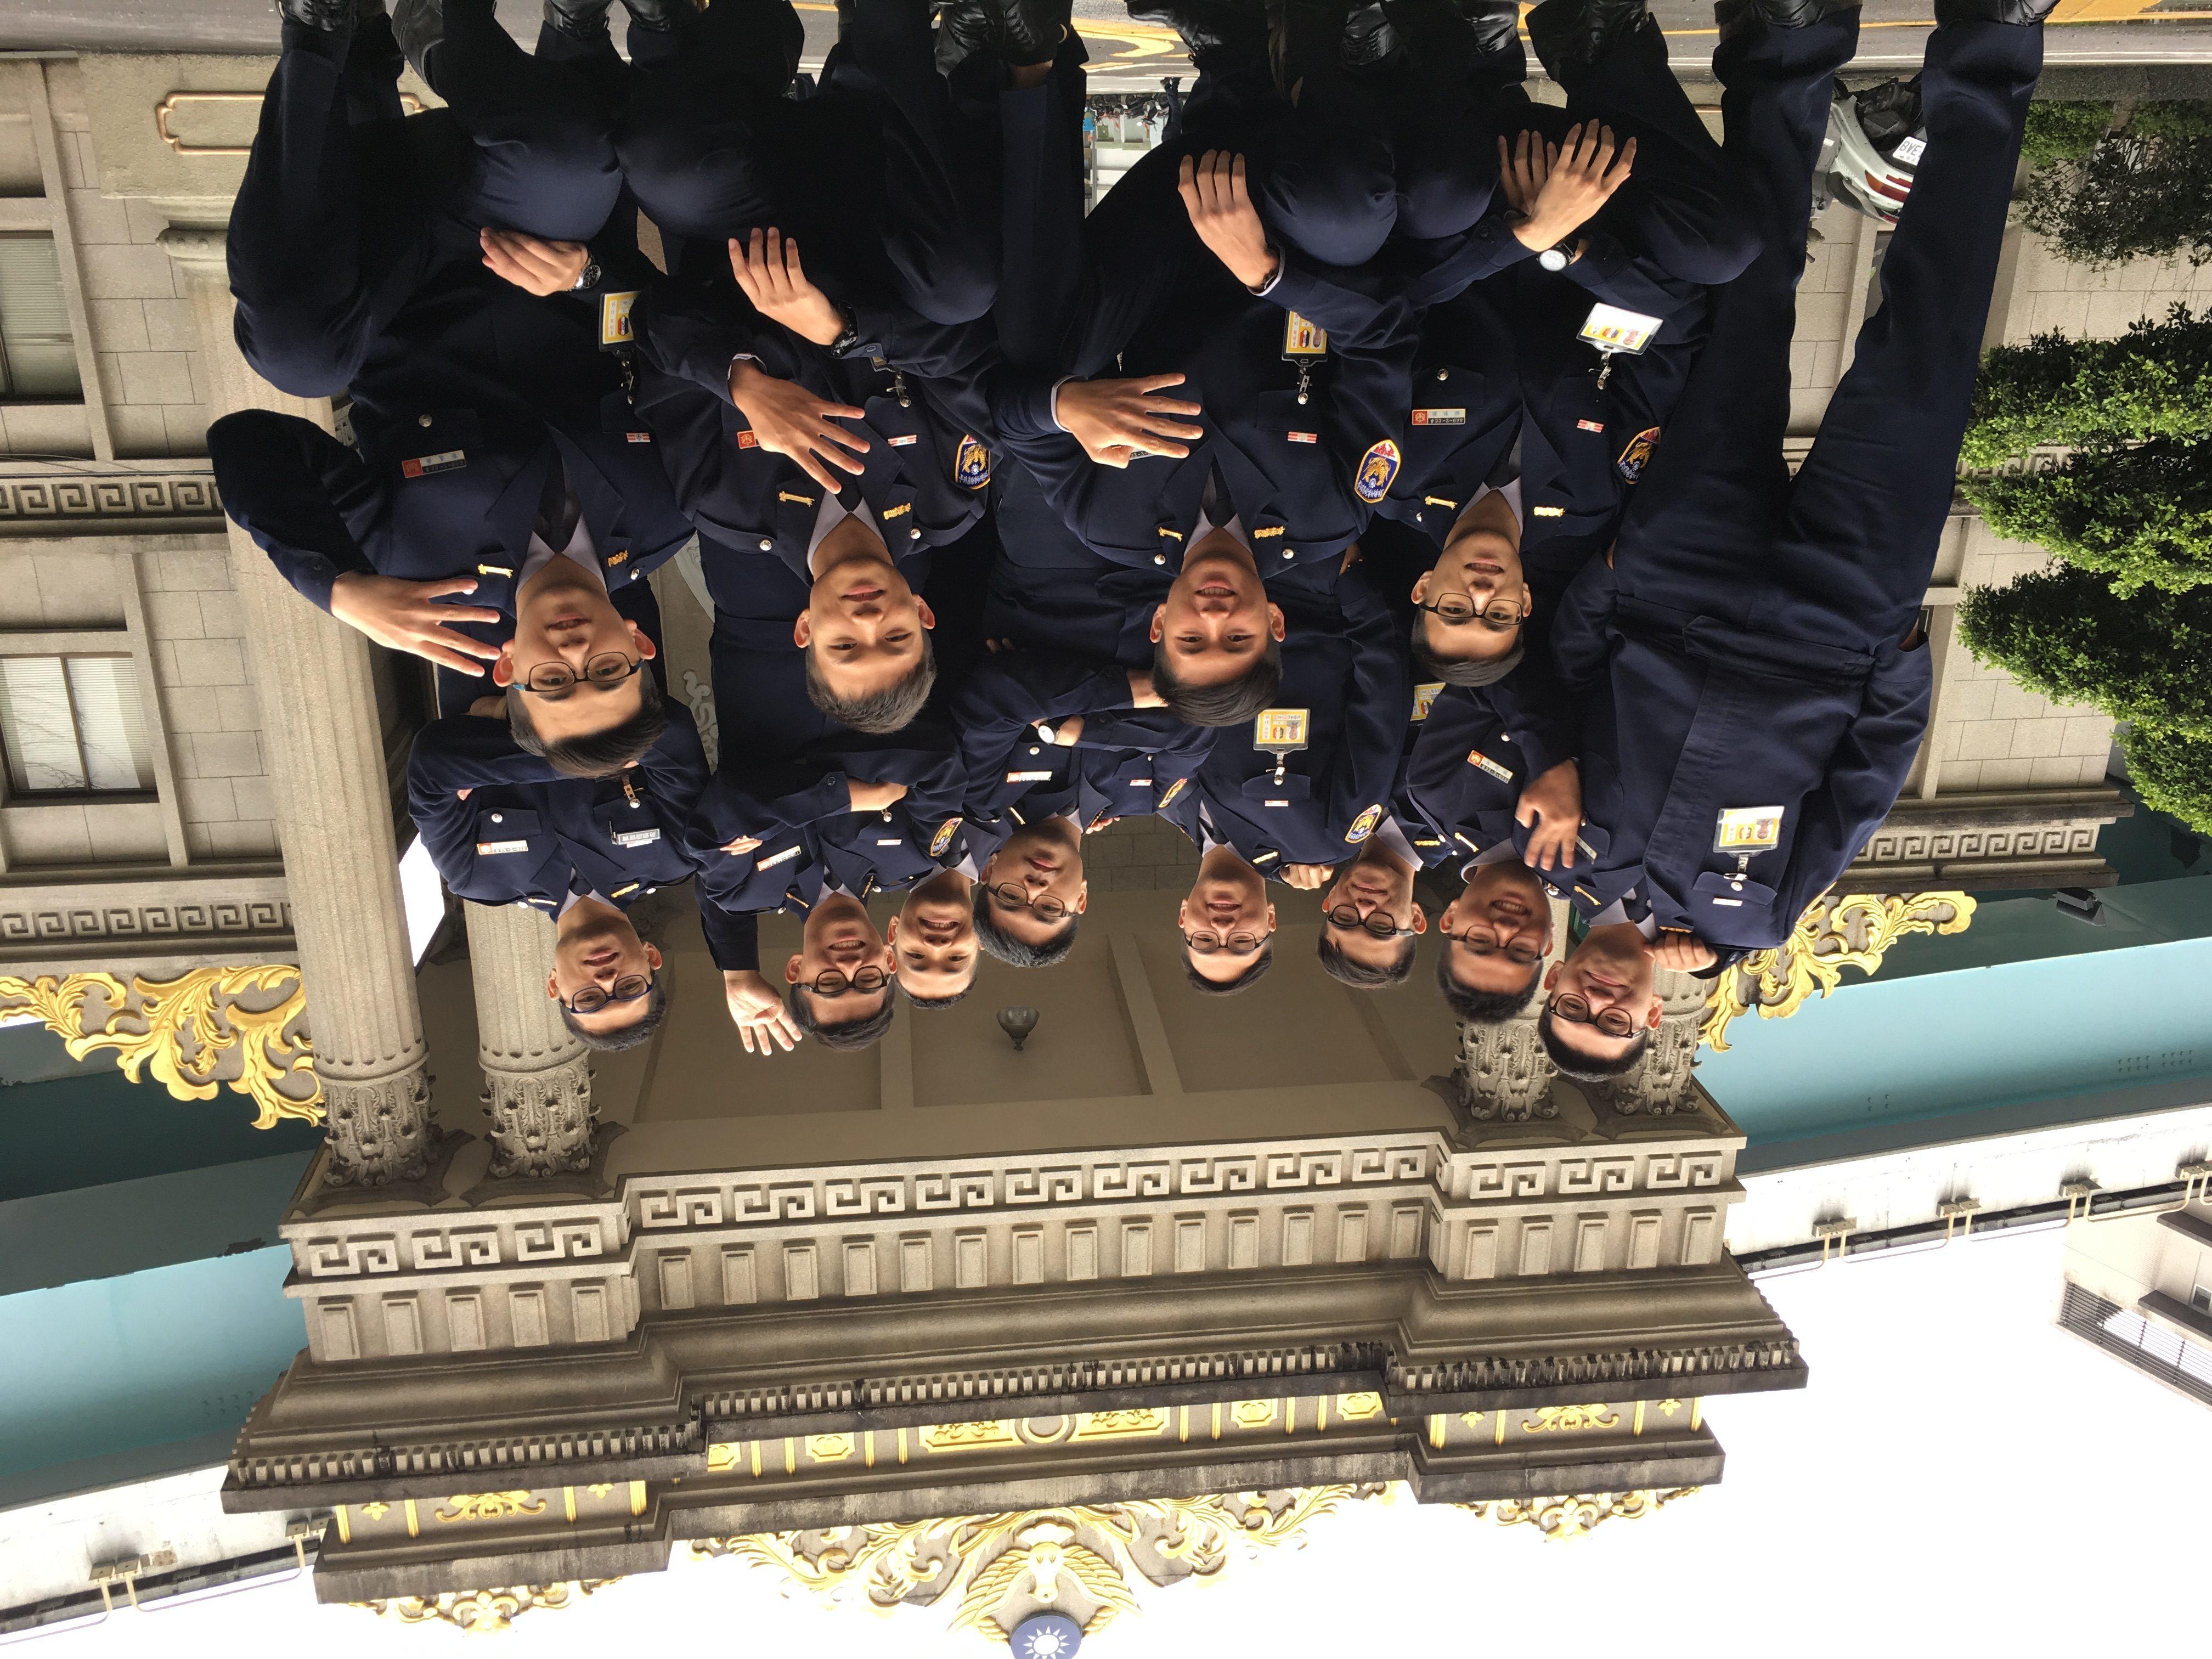 江陵派出所新進員警吳嘉偉坦言,警專生活令人想念。照片來源/吳嘉偉提供